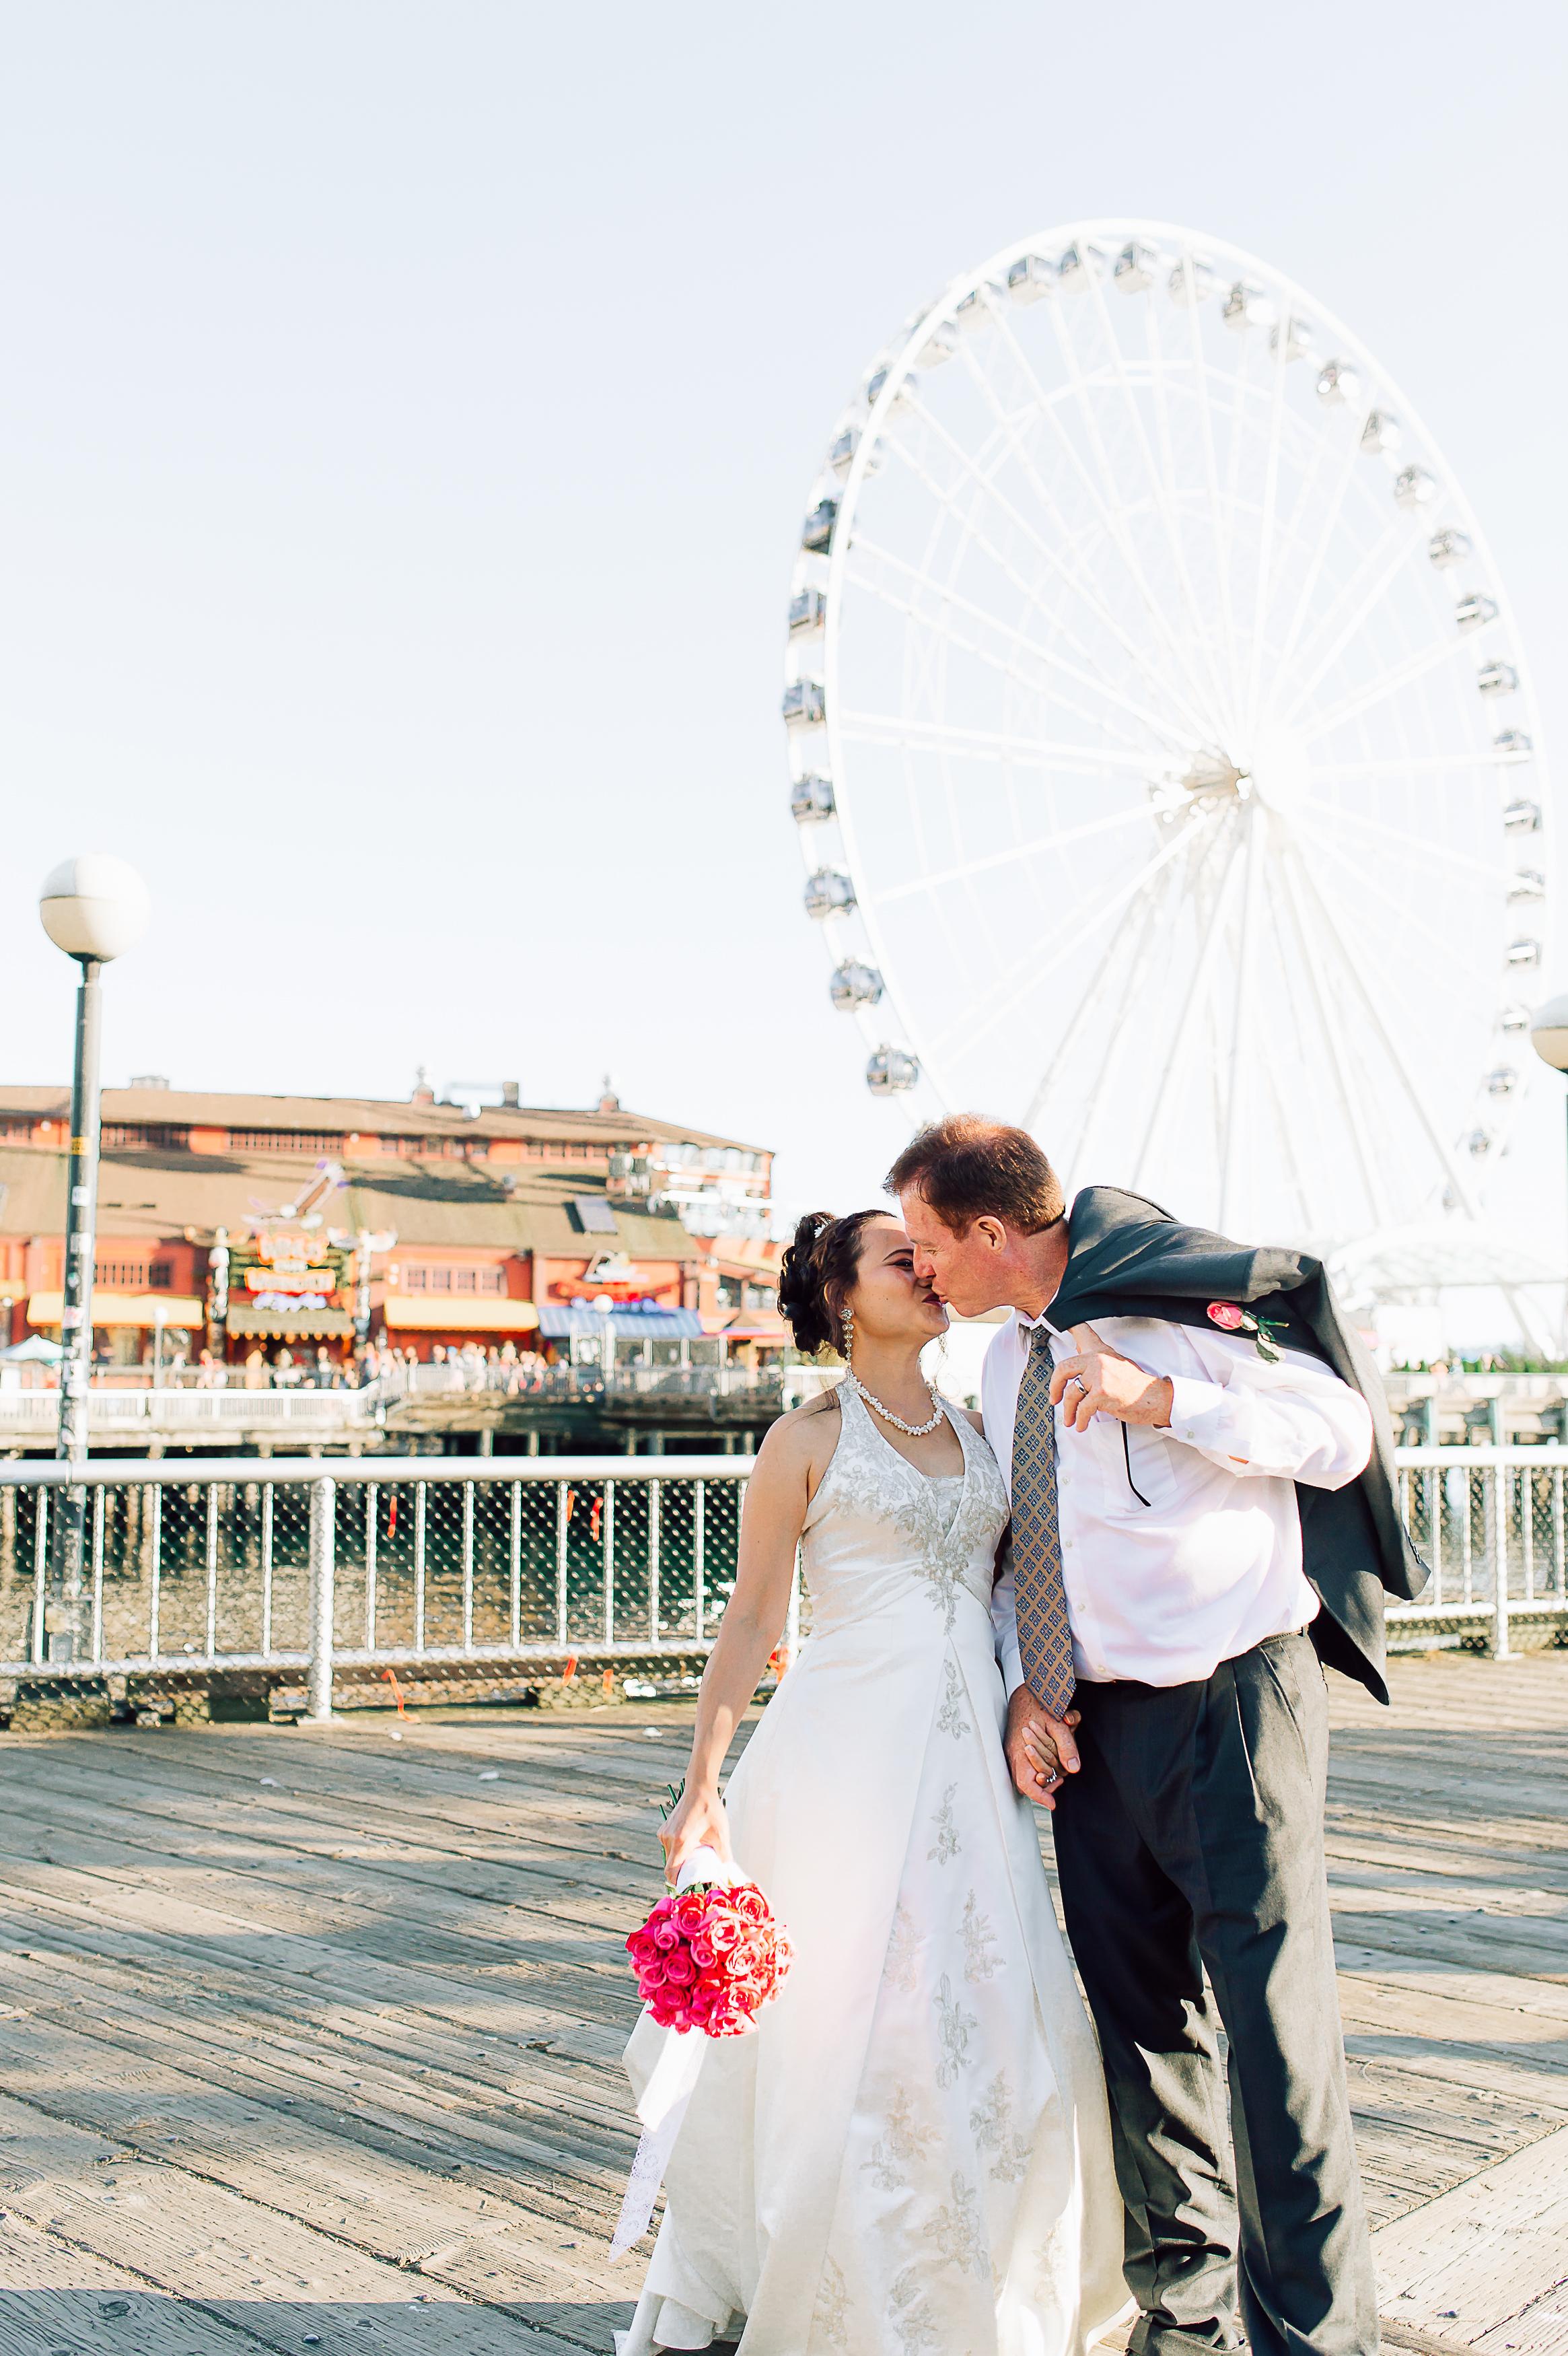 destinationwedding_Seattle_virginiaphotographer_youseephotography_LidiaOtto (567).jpg